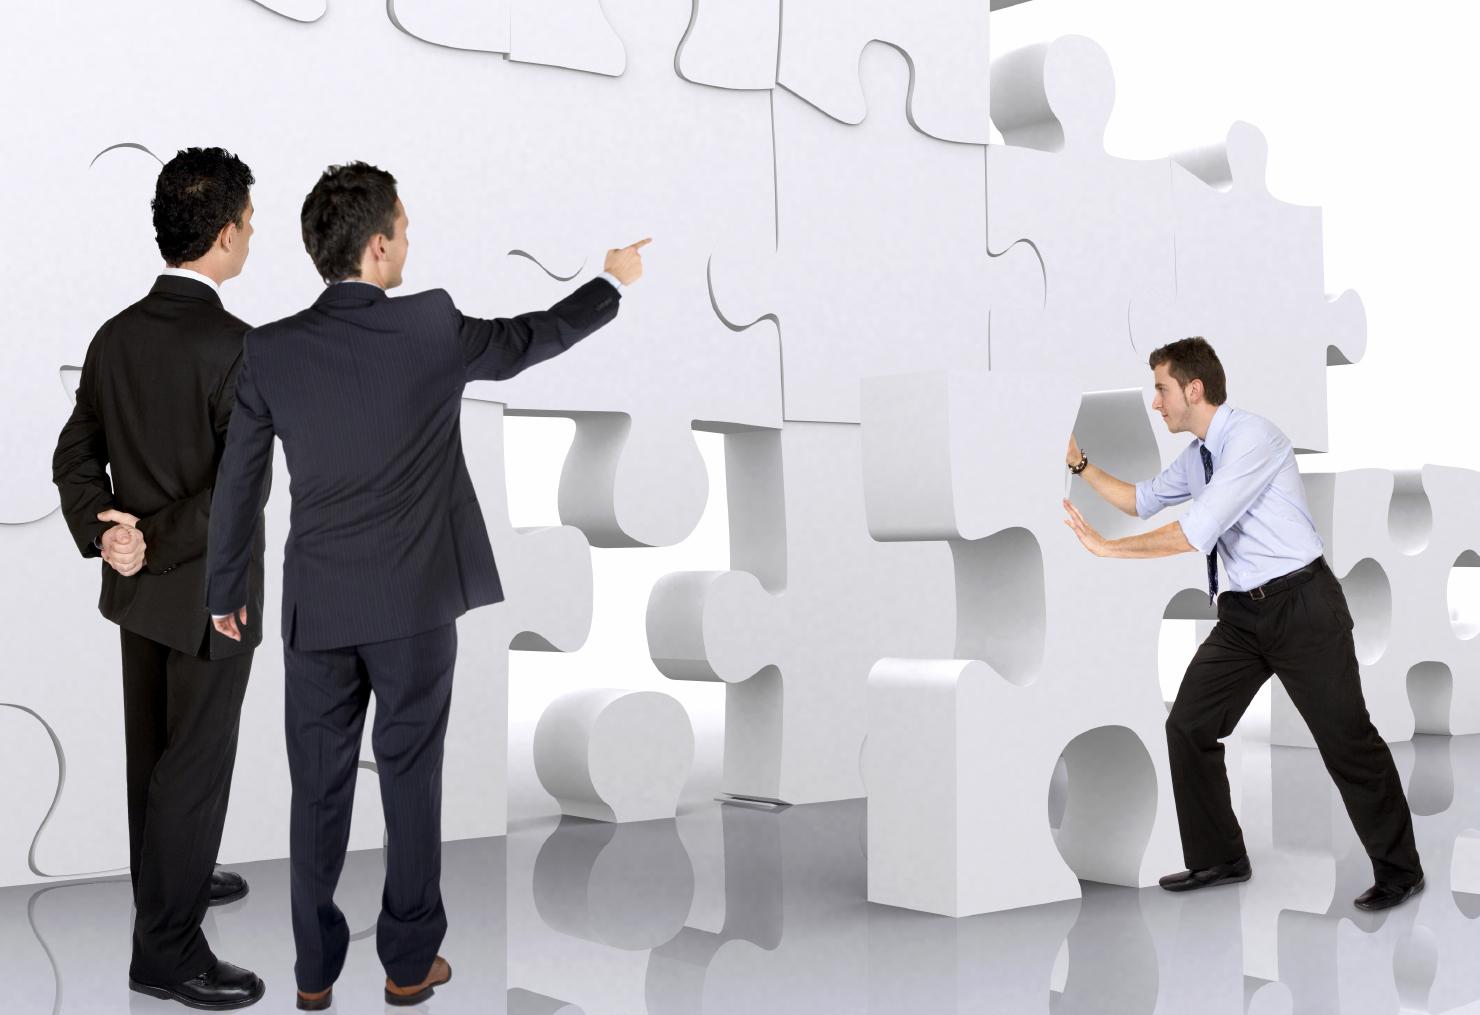 كيف يمكن أن تحوِّل هويتك إلى مسار مهني مربح؟